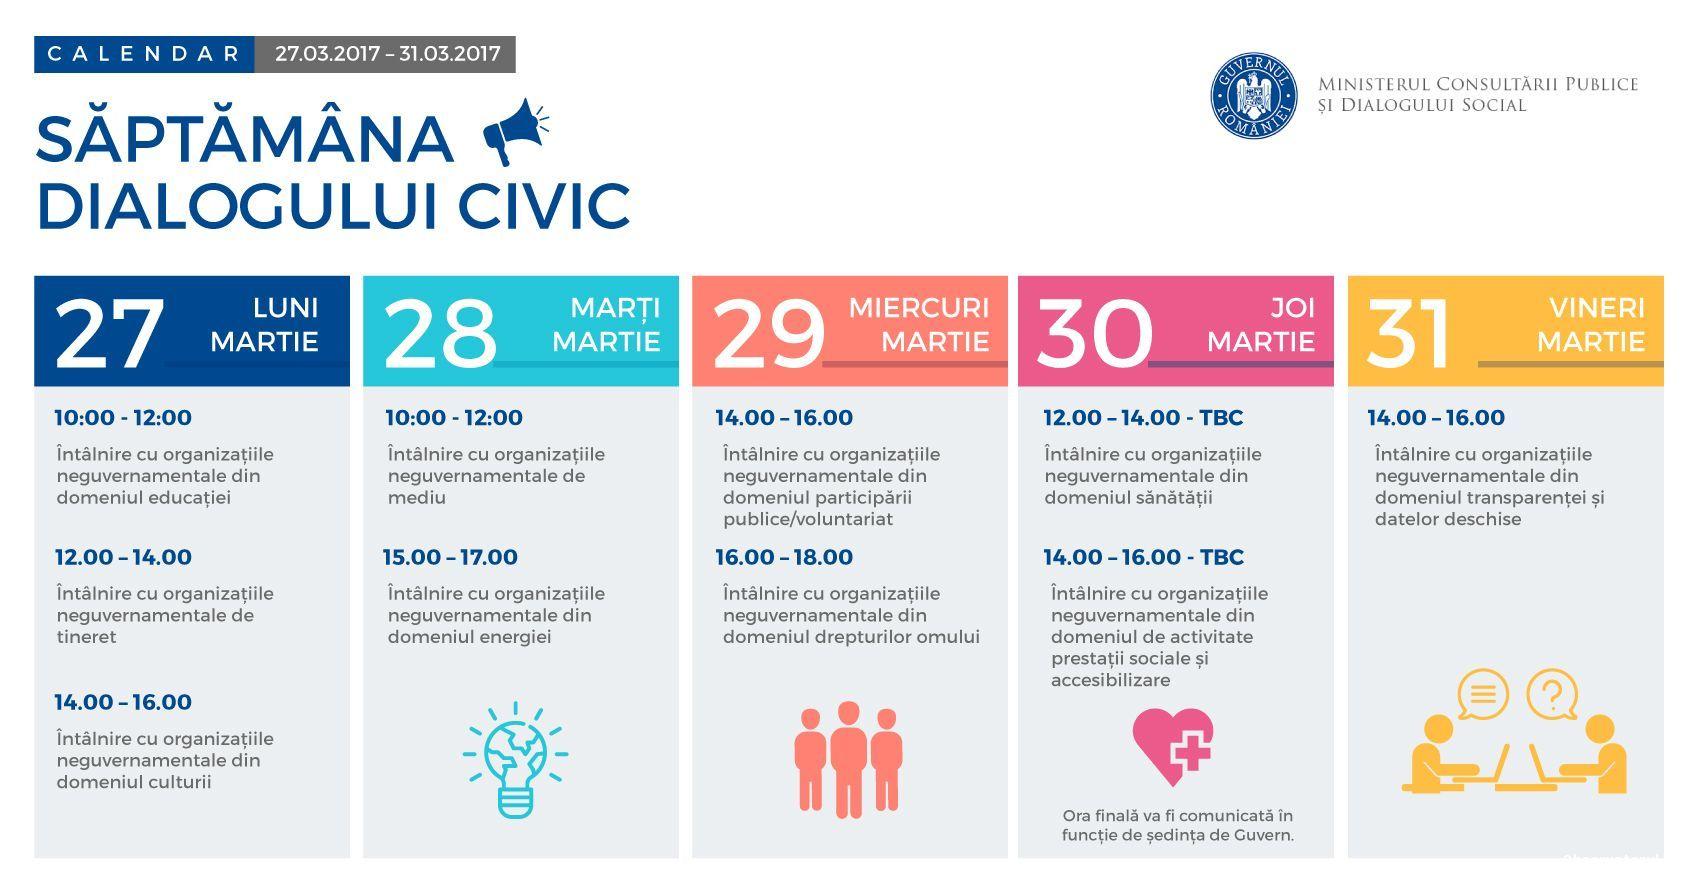 Saptamana dialogului civic